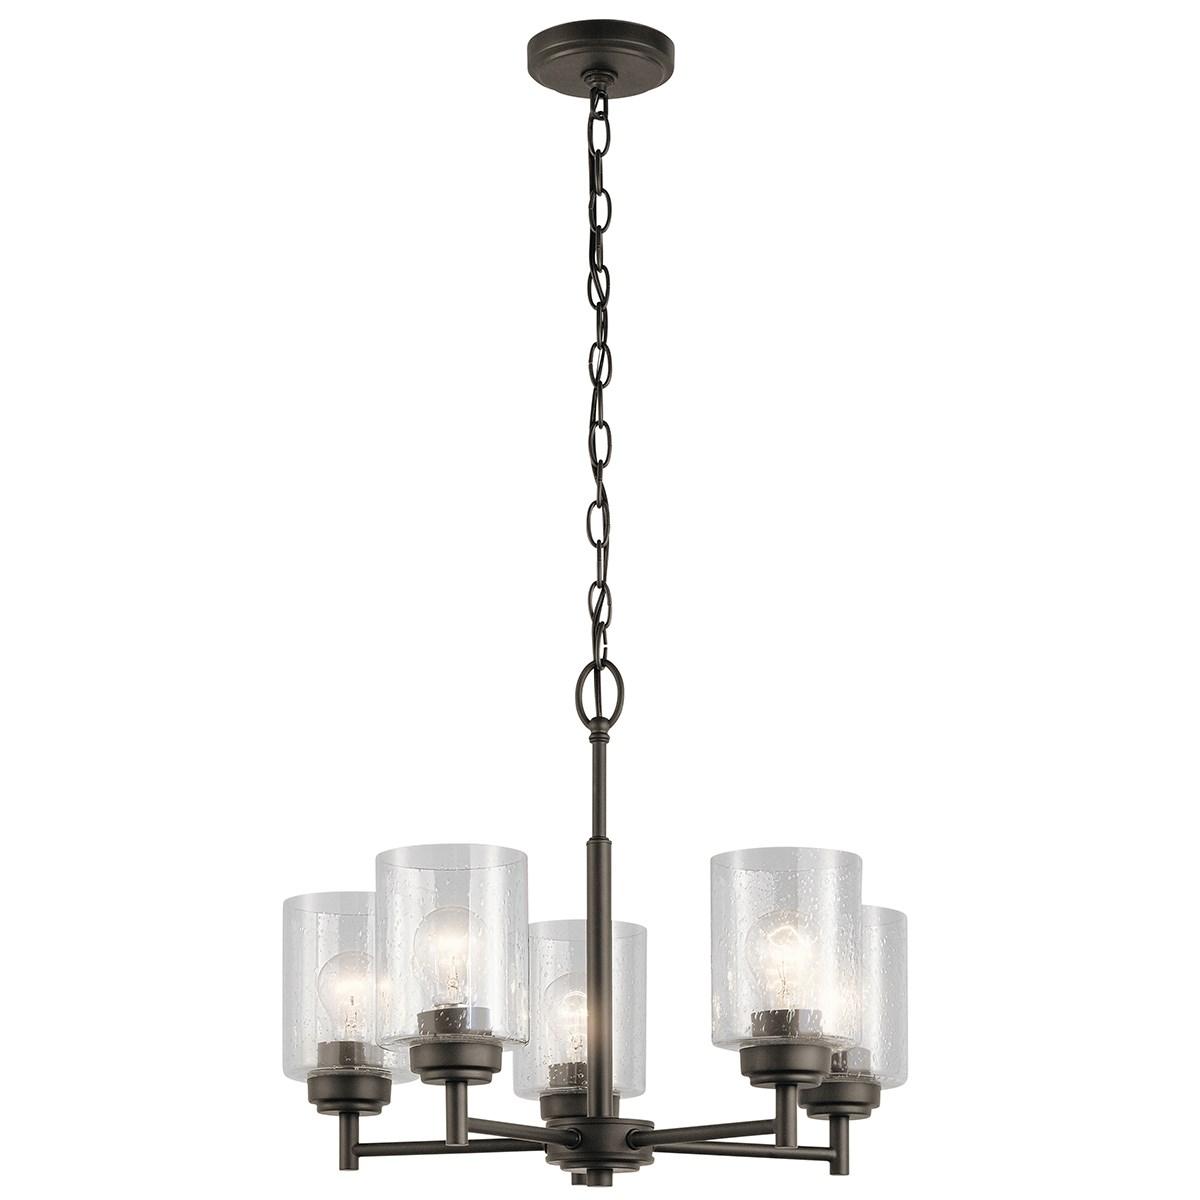 Www Kichler: Winslow™ 5 Light Chandelier Olde Bronze®